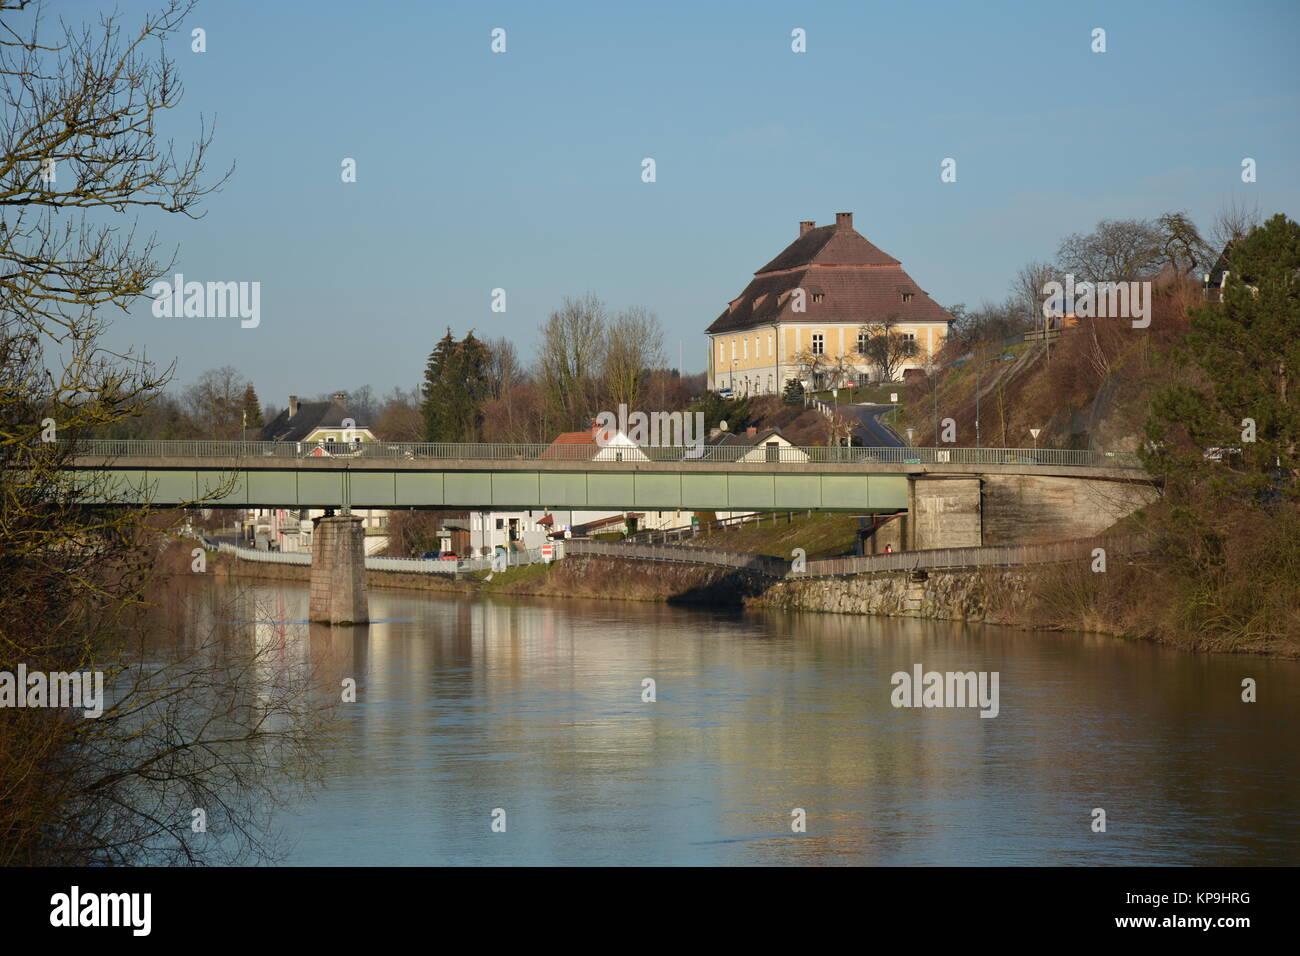 Kontaktanzeigen Steinbach an der Steyr | Locanto Dating